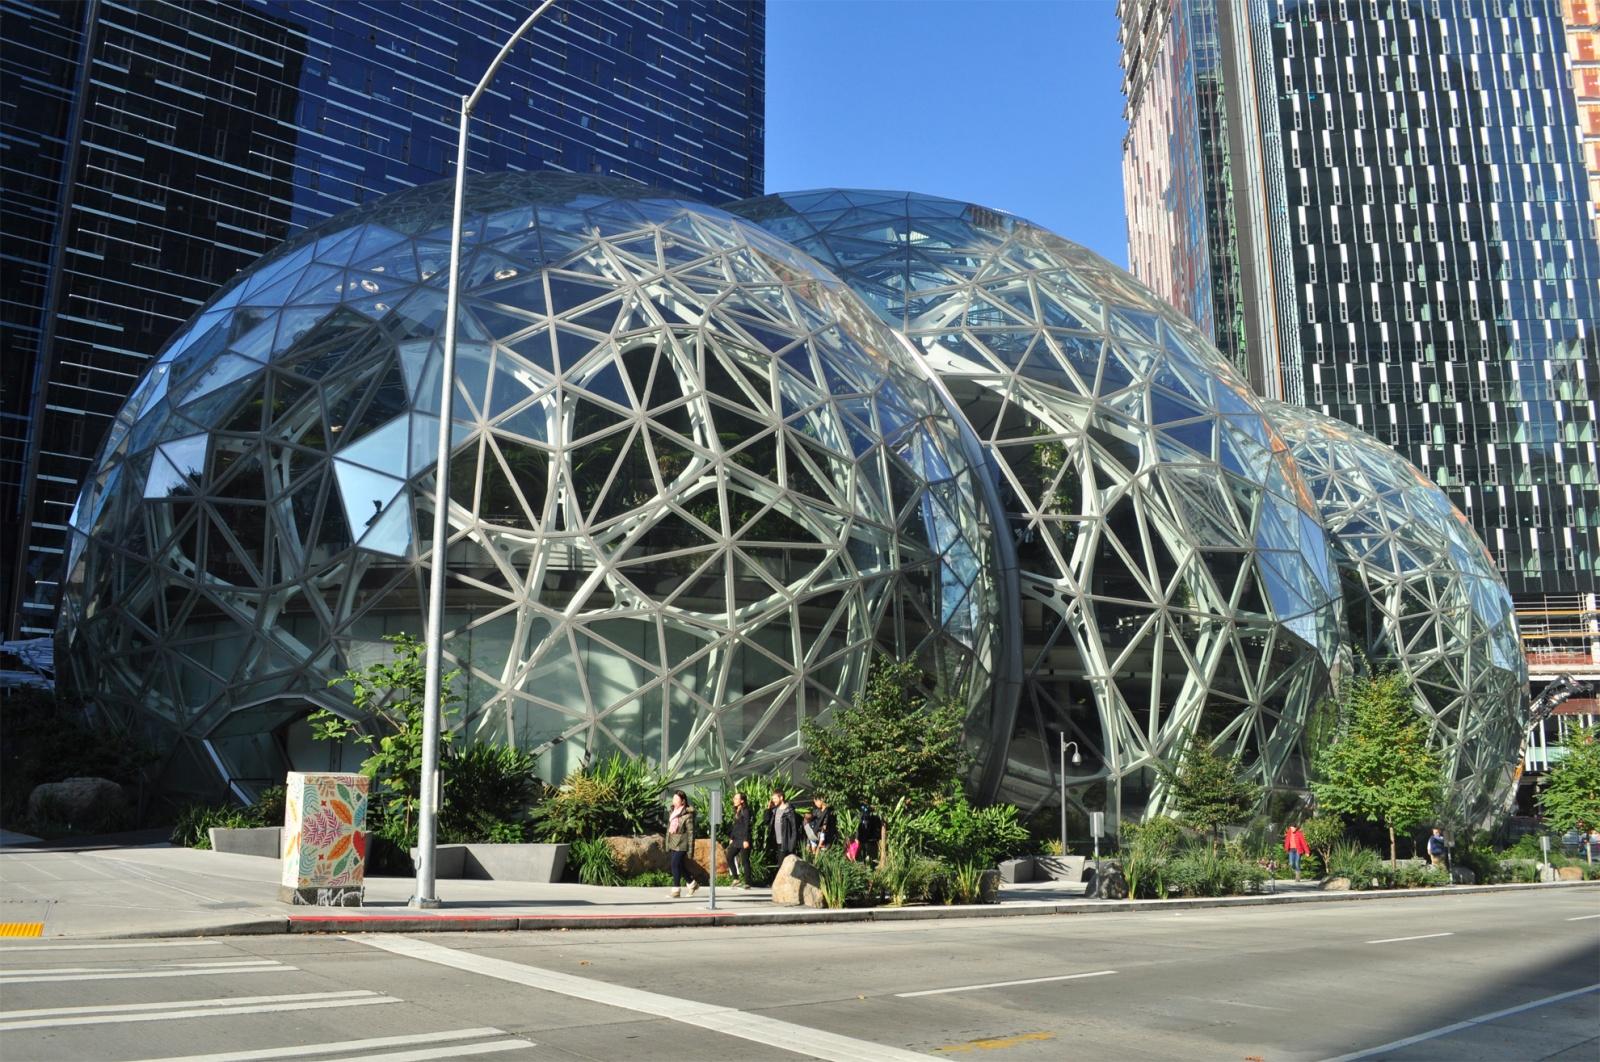 Amazon решил продлить удаленную работу для сотрудников еще на 6 месяцев. Центр Сиэтла в шоке - 1